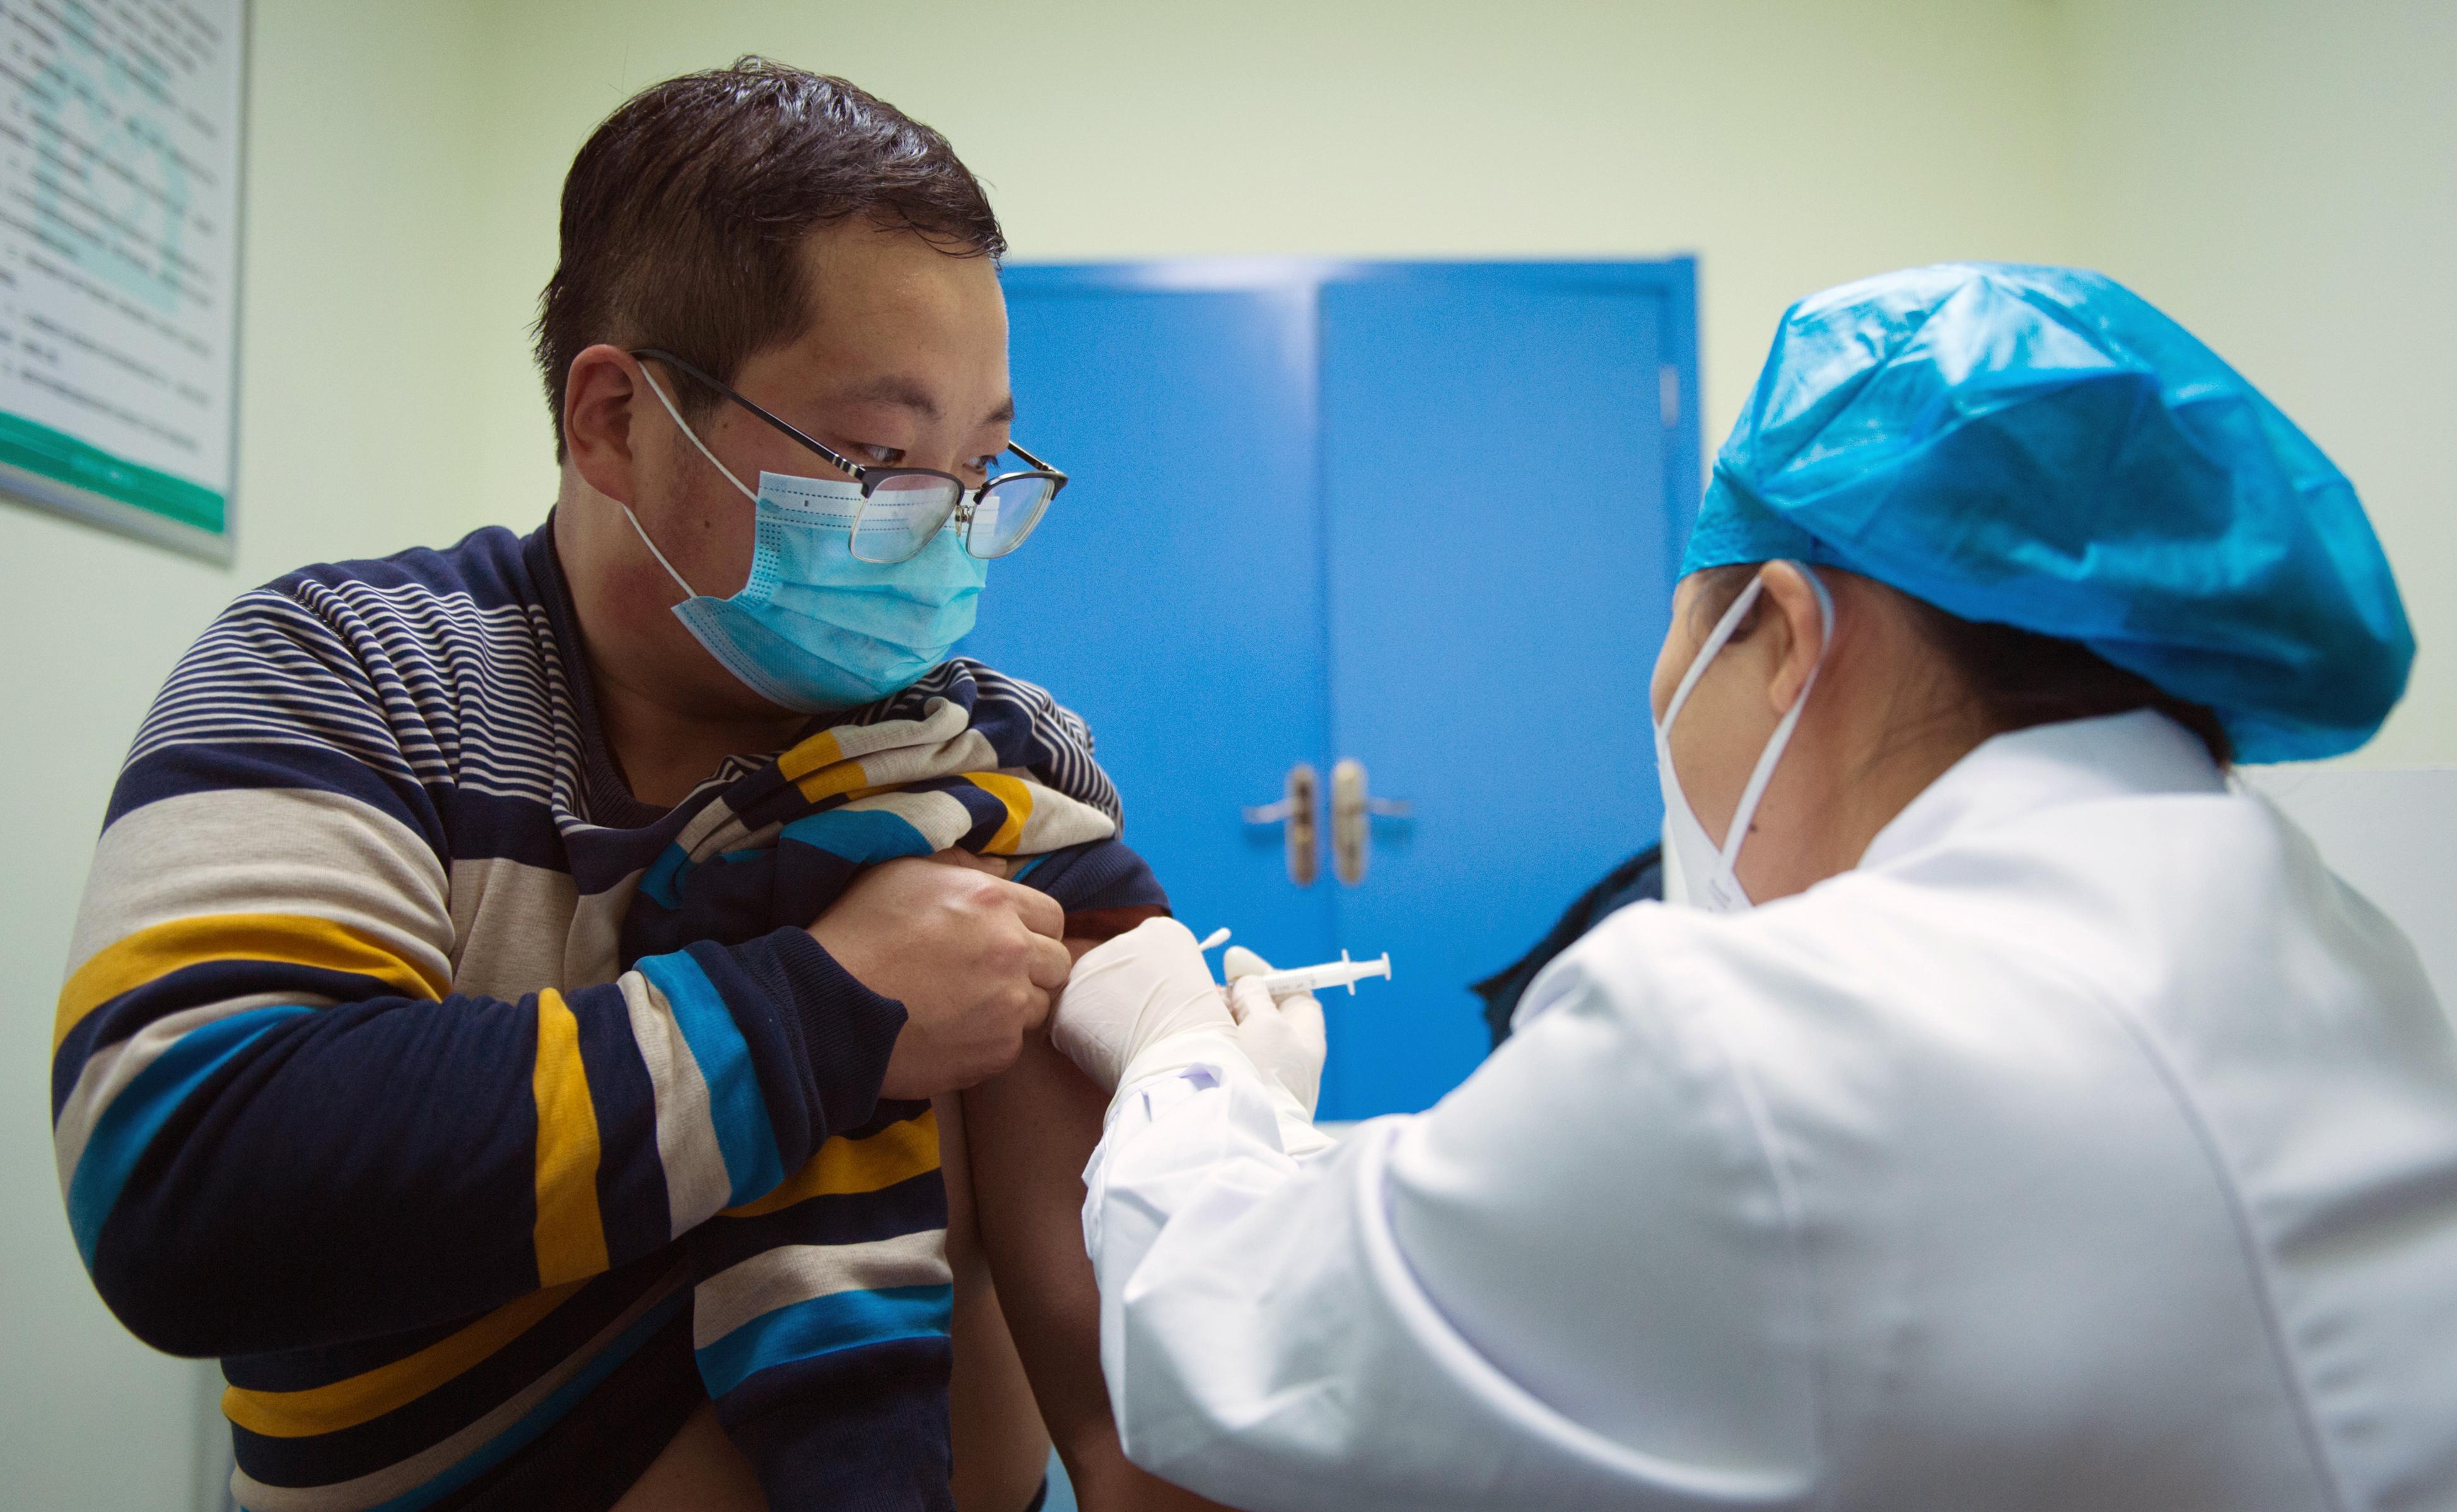 Külföldön kell tesztelni az új kínai vakcinát, mert az országban nincs hozzá elég fertőzött